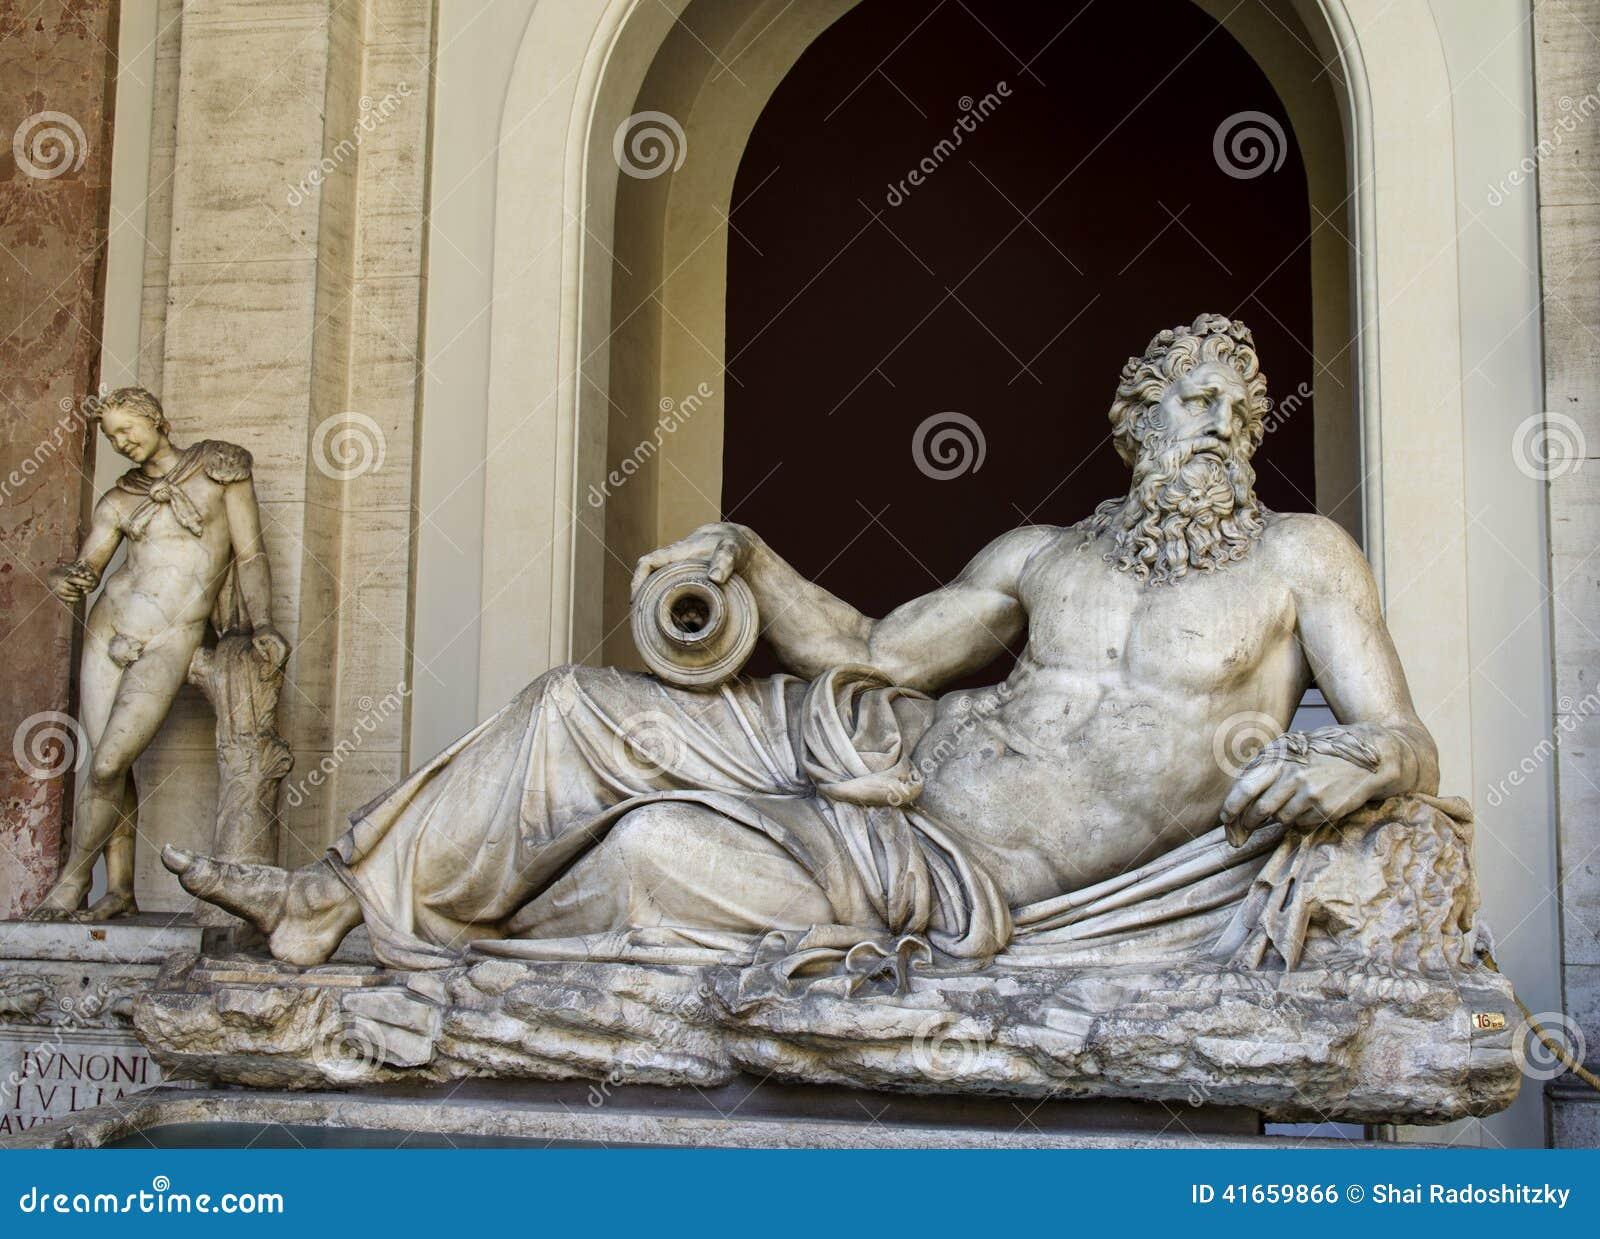 Статуя Арно внутри Ватикана